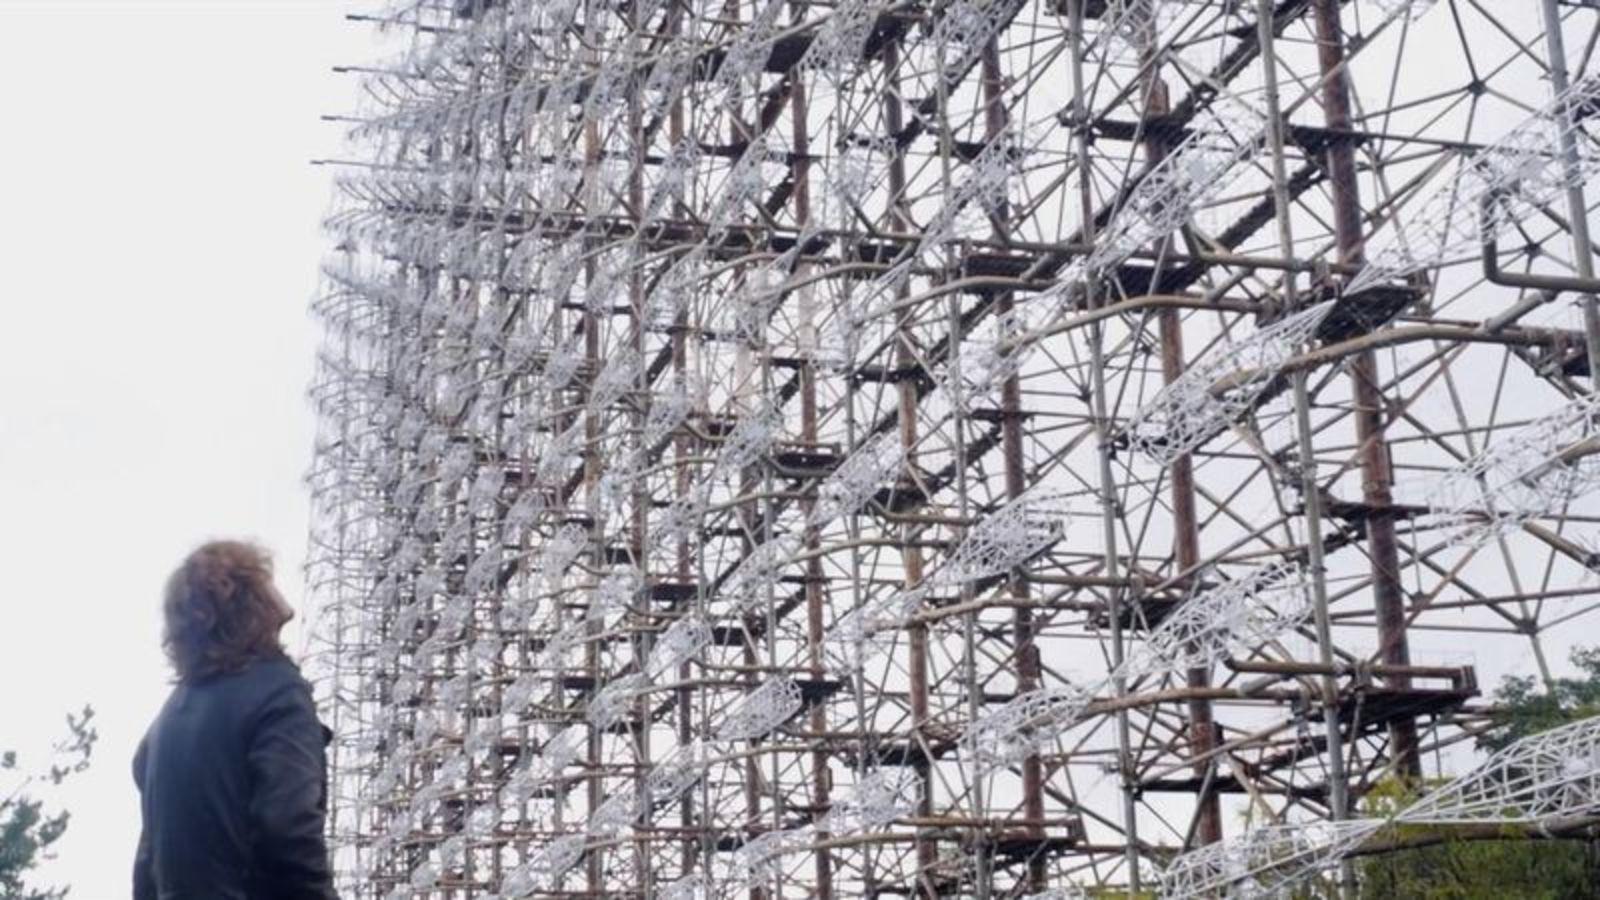 Chernobyl 3